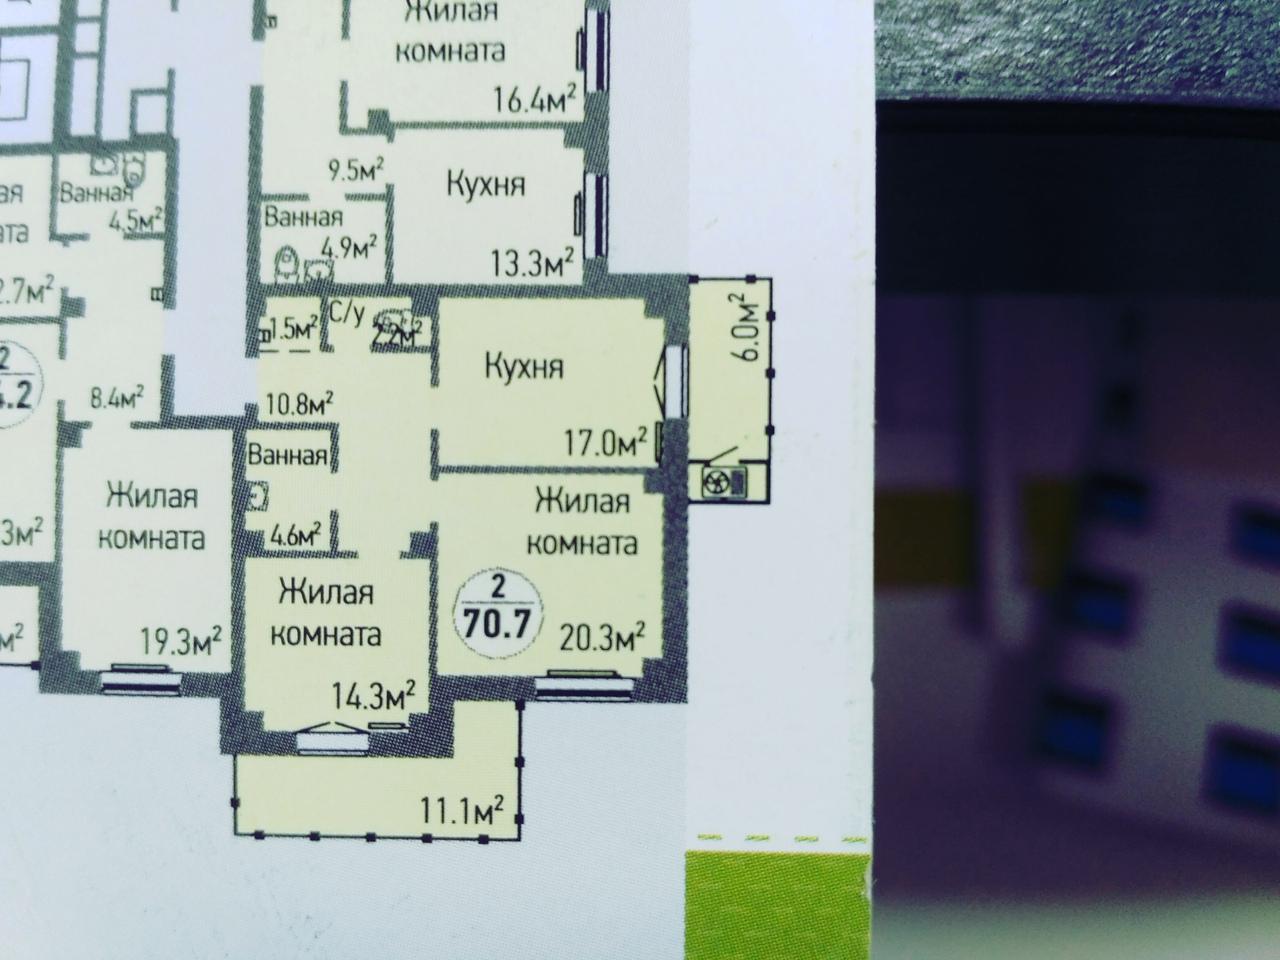 Продам квартиру с пред чистовой отделкой в ЖК Ньютон. Дом рядом с школой, 11эт…